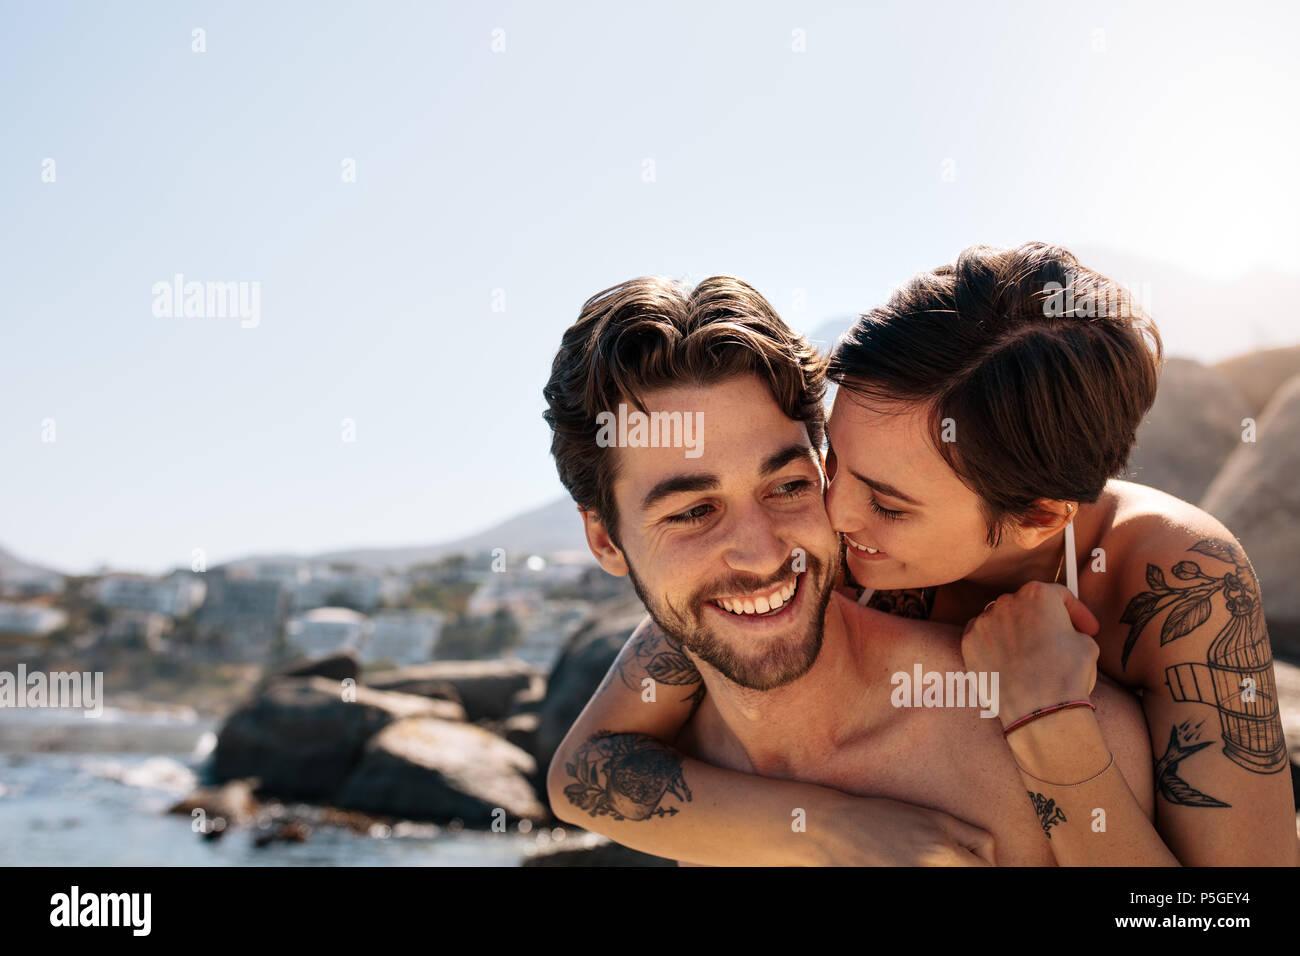 Donna avente fun riding piggy back sull'uomo in spiaggia. Turista giovane in una felice e umore romantico godendo di una vacanza. Immagini Stock